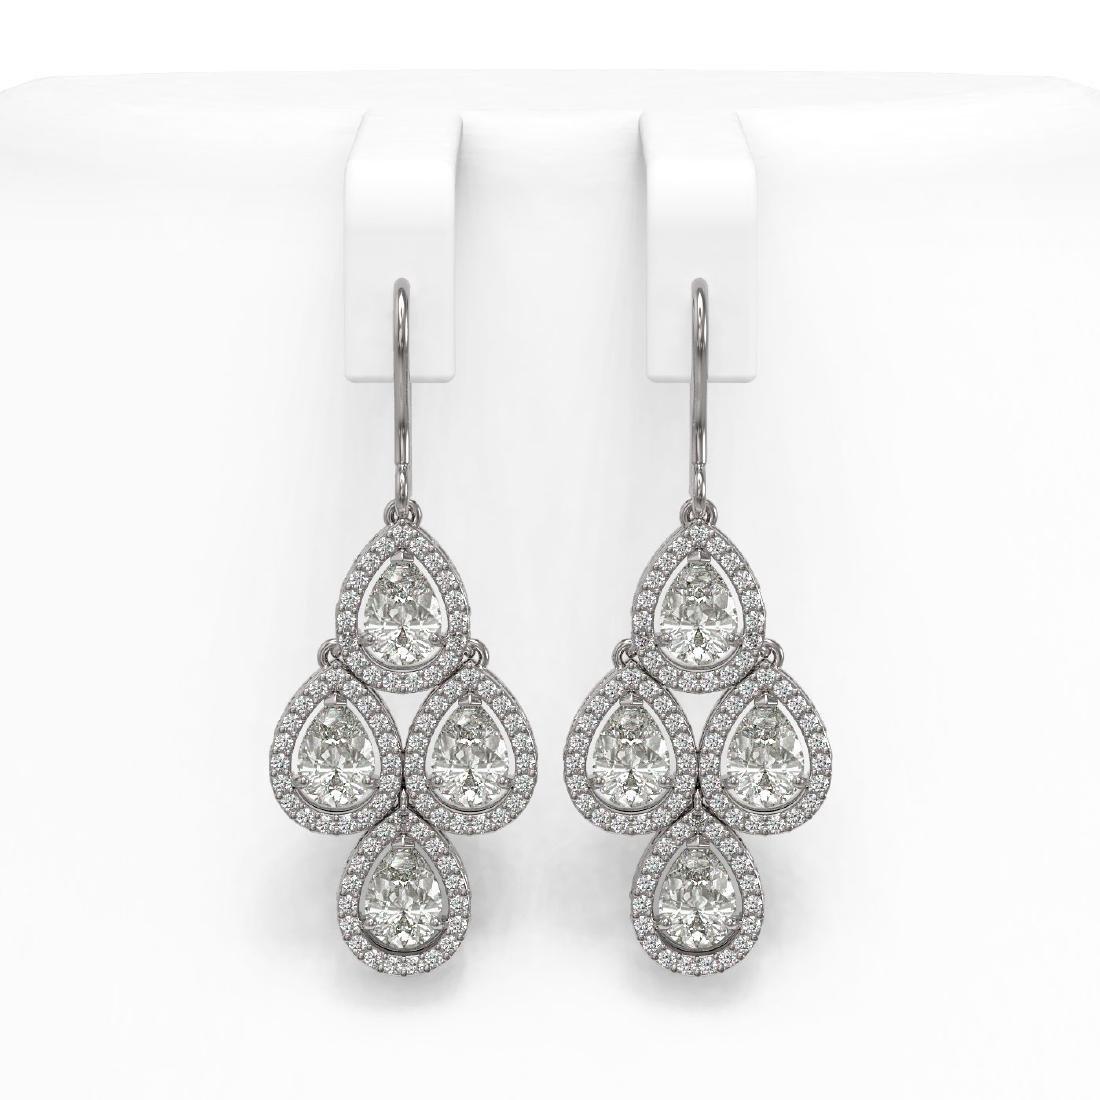 5.85 CTW Pear Diamond Designer Earrings 18K White Gold